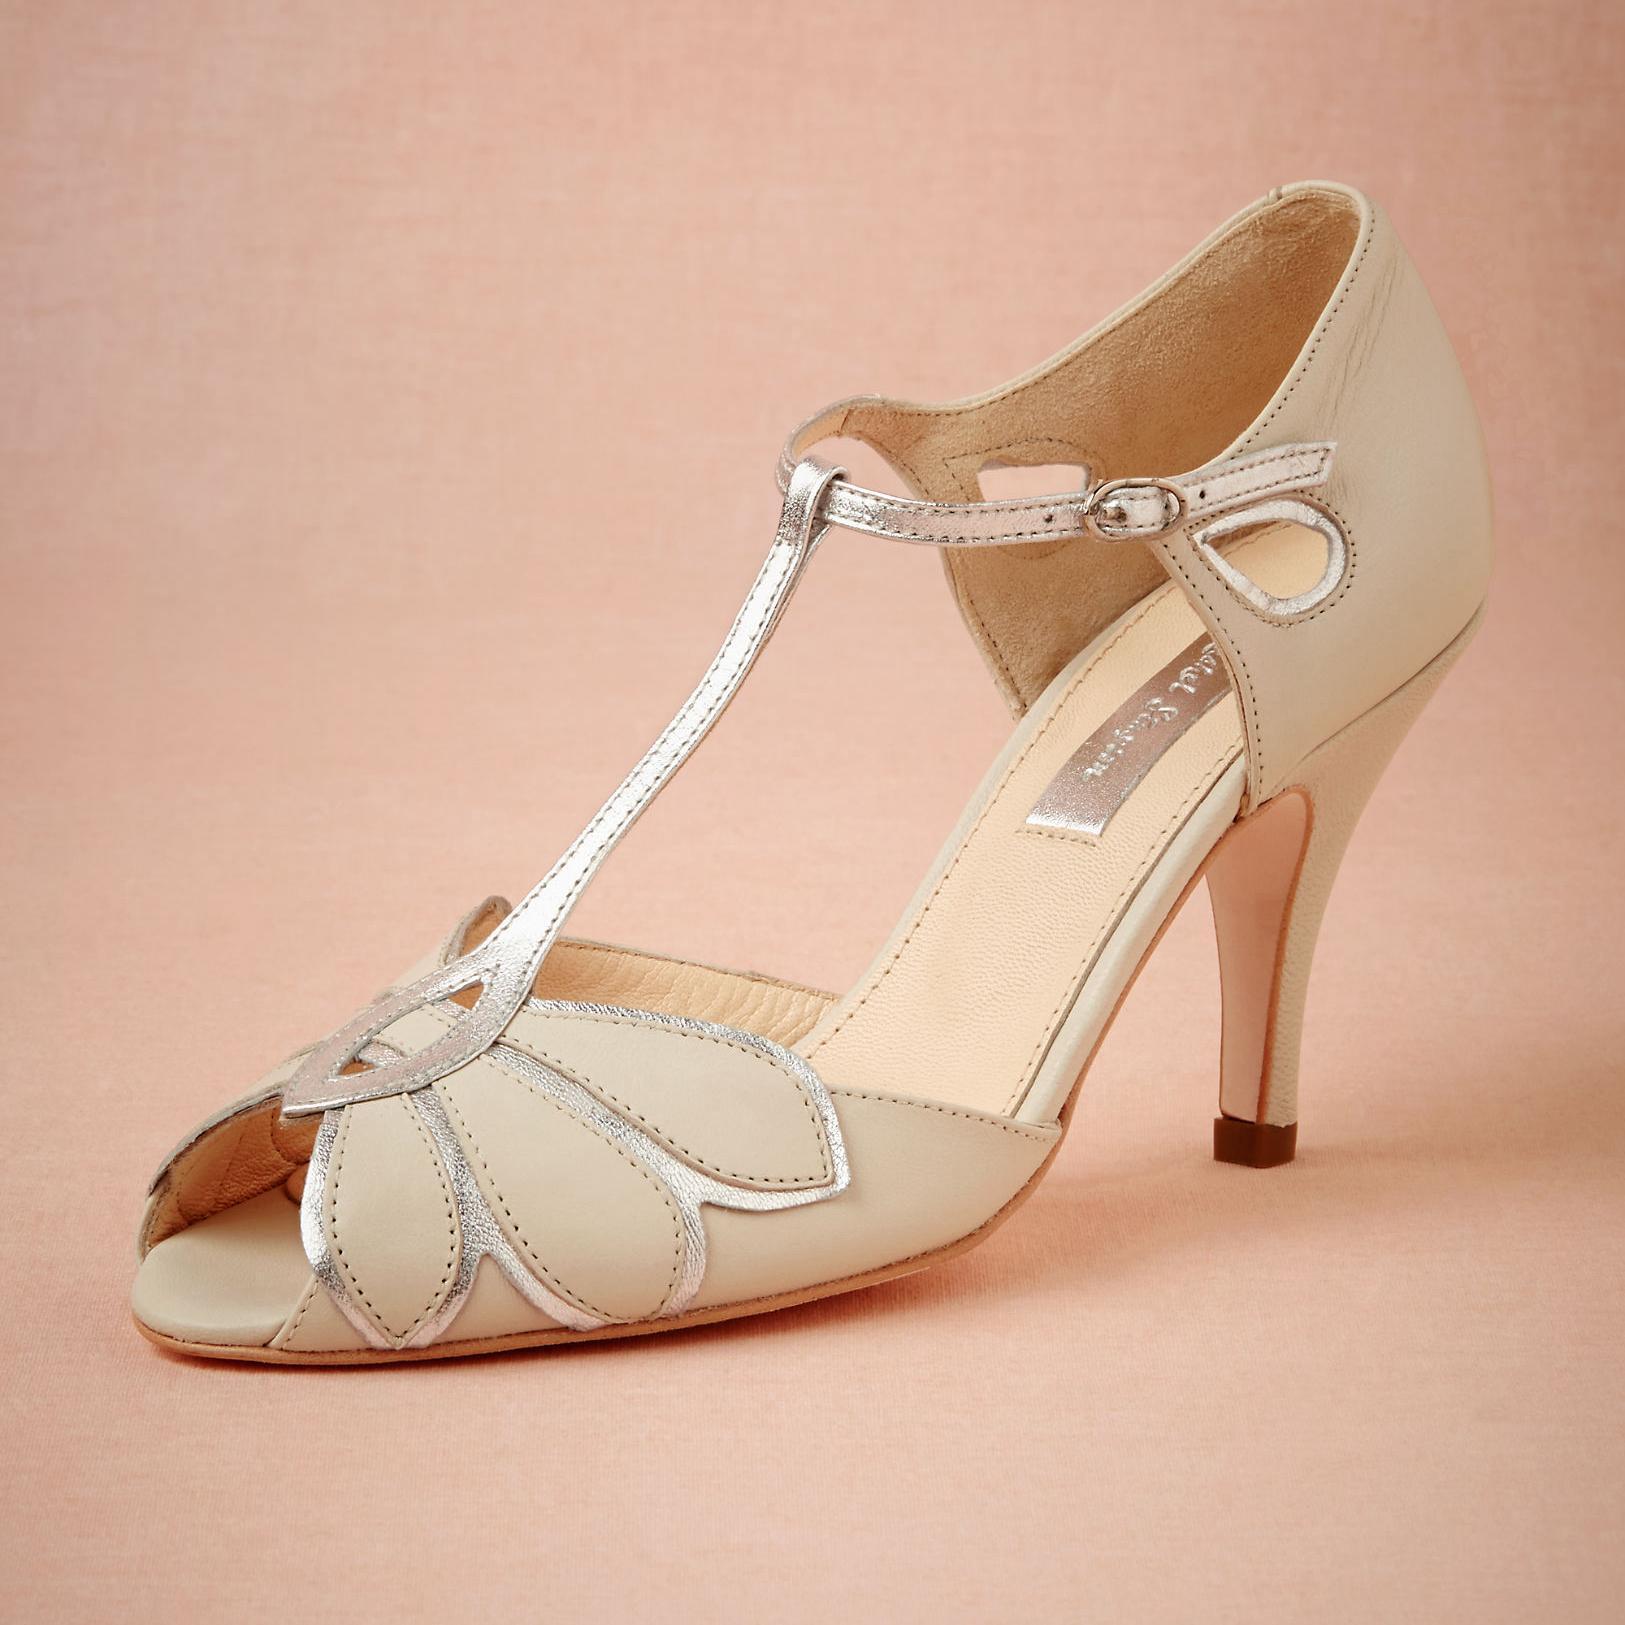 Grosshandel Vintage Elfenbein Hochzeit Schuhe Hochzeit Pumps Mimosa T